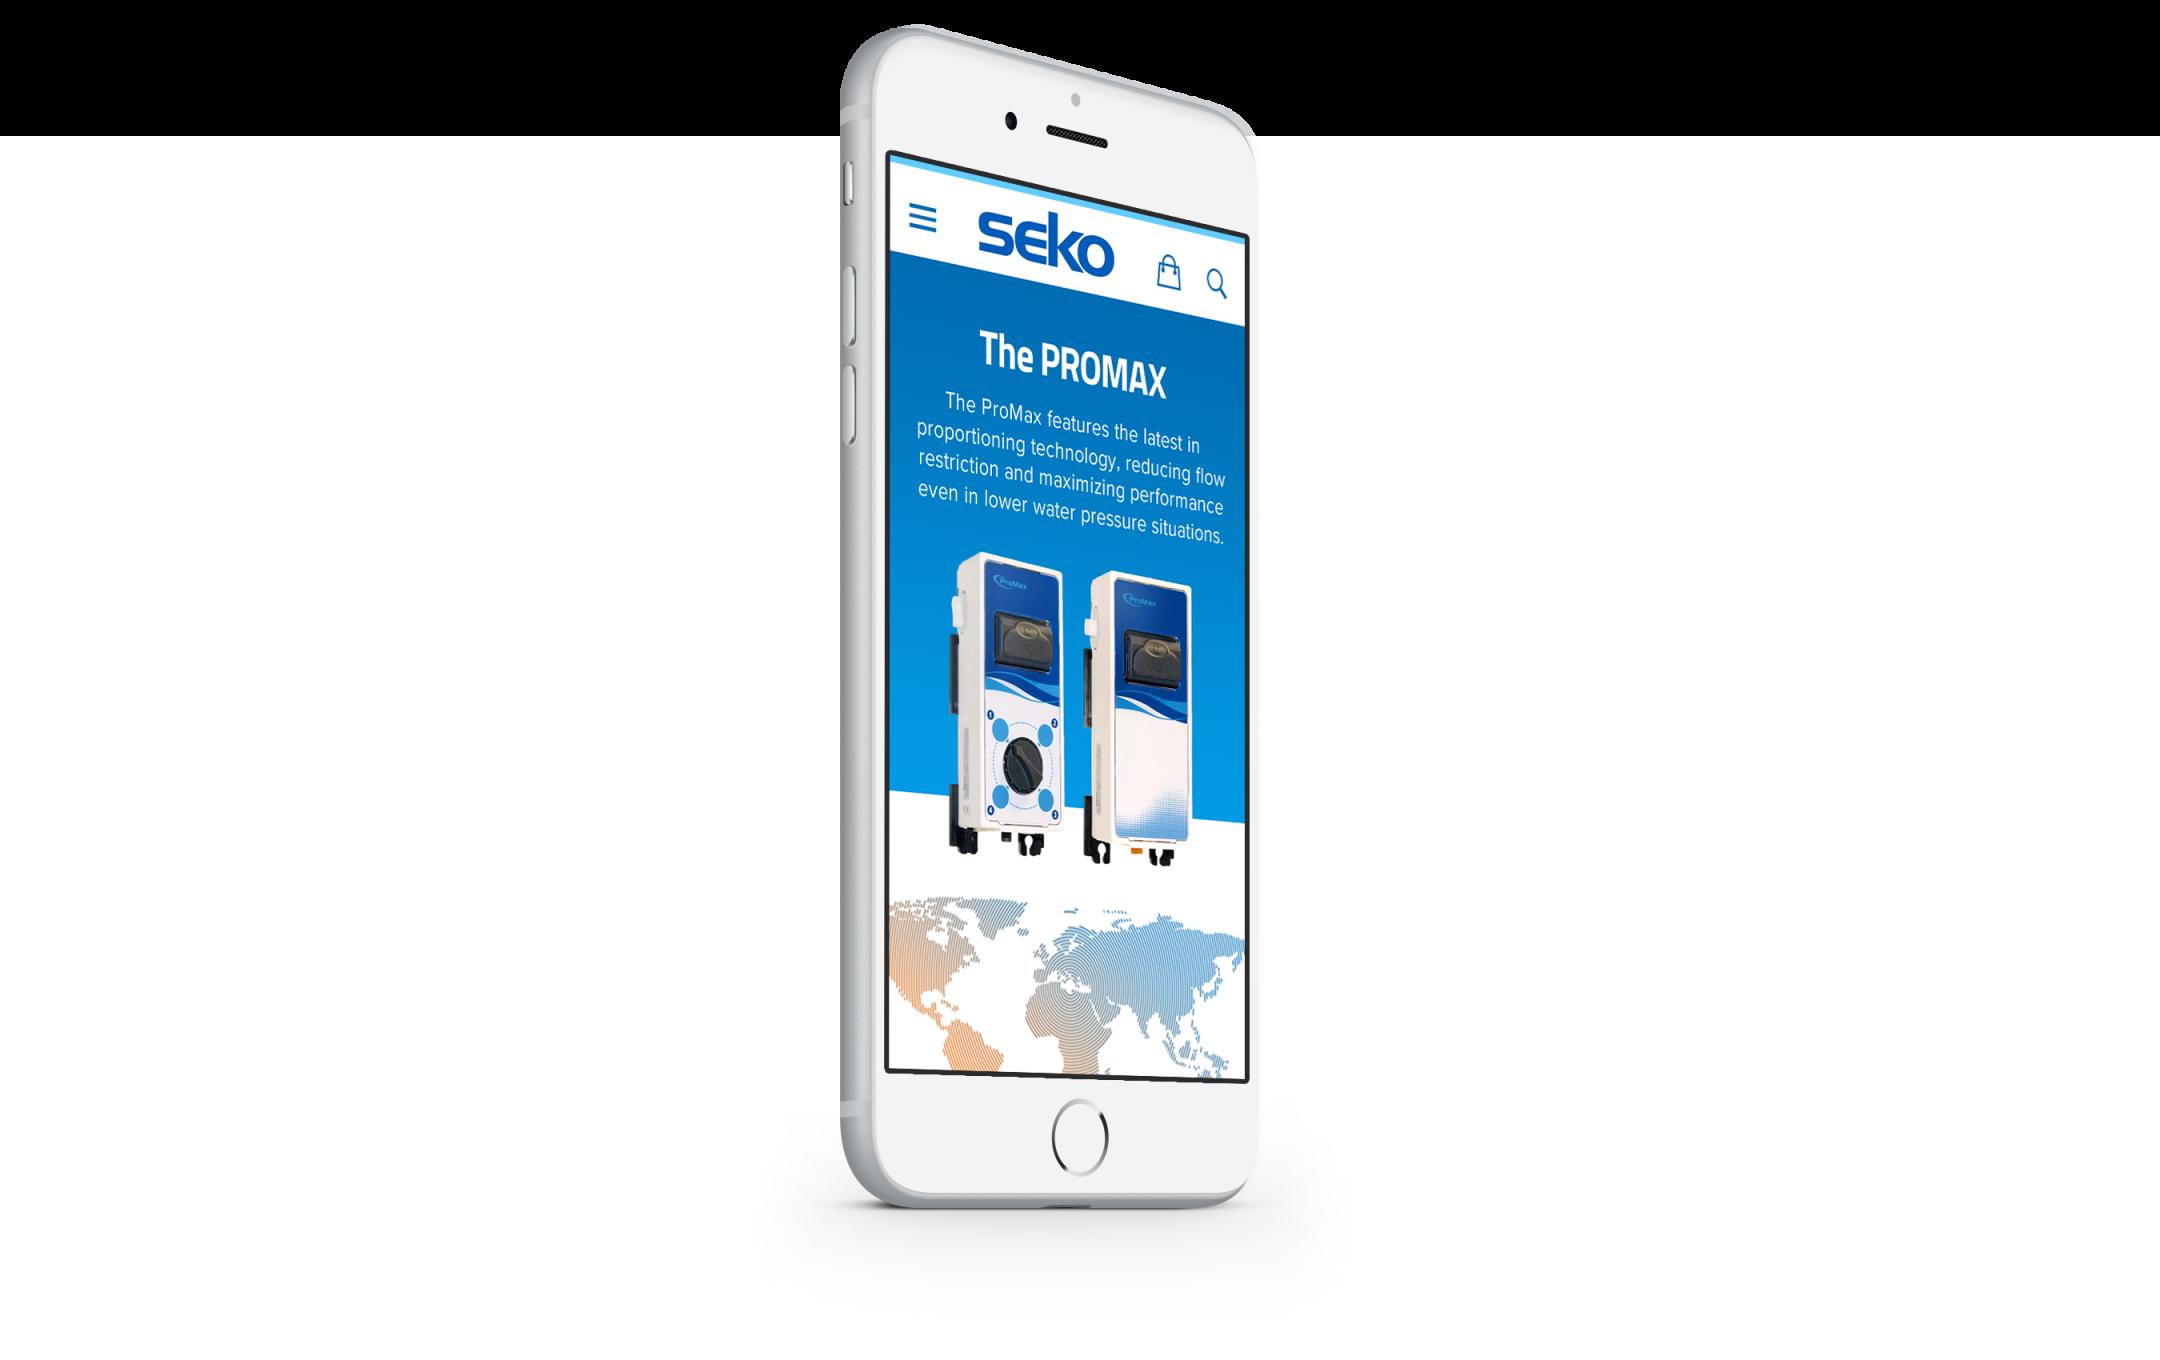 sekousa.com mobile site design